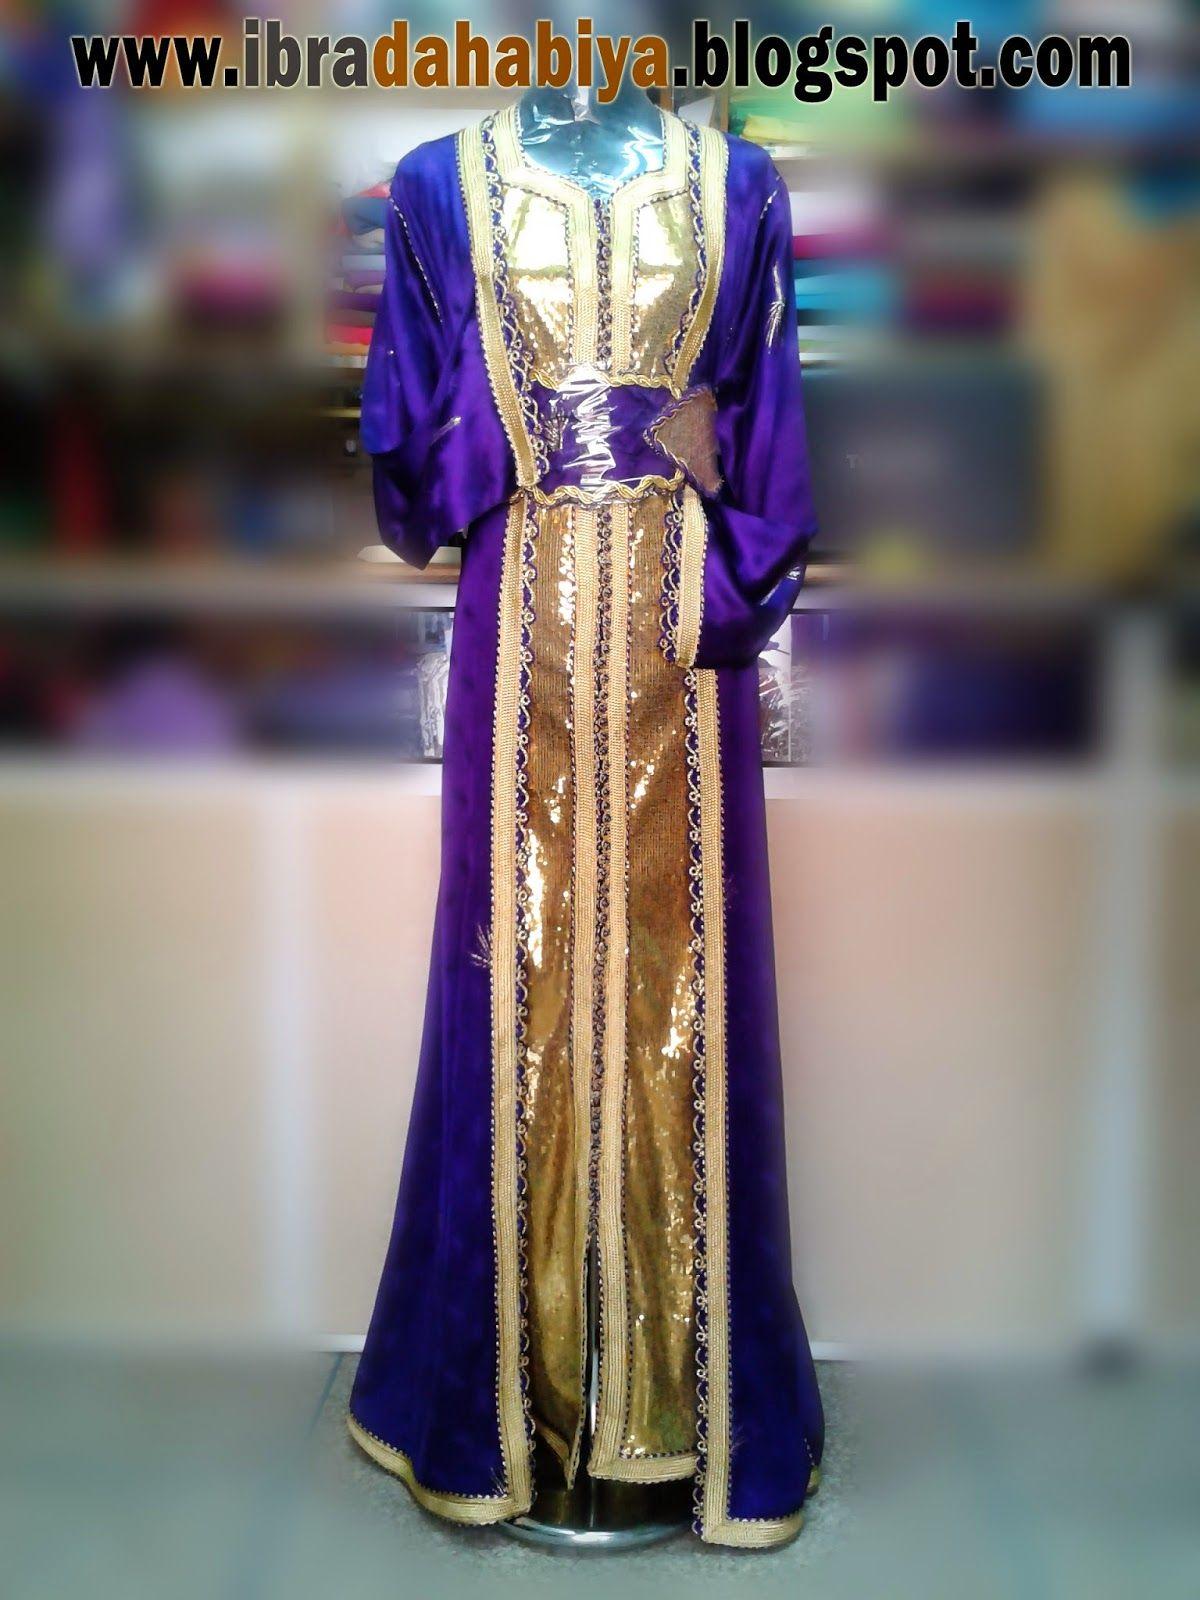 15 تكشيطة مغربية بثوب ذهبي لامع لا تفوتوا مشاهدتها Formal Dresses Long Formal Dresses Moroccan Caftan